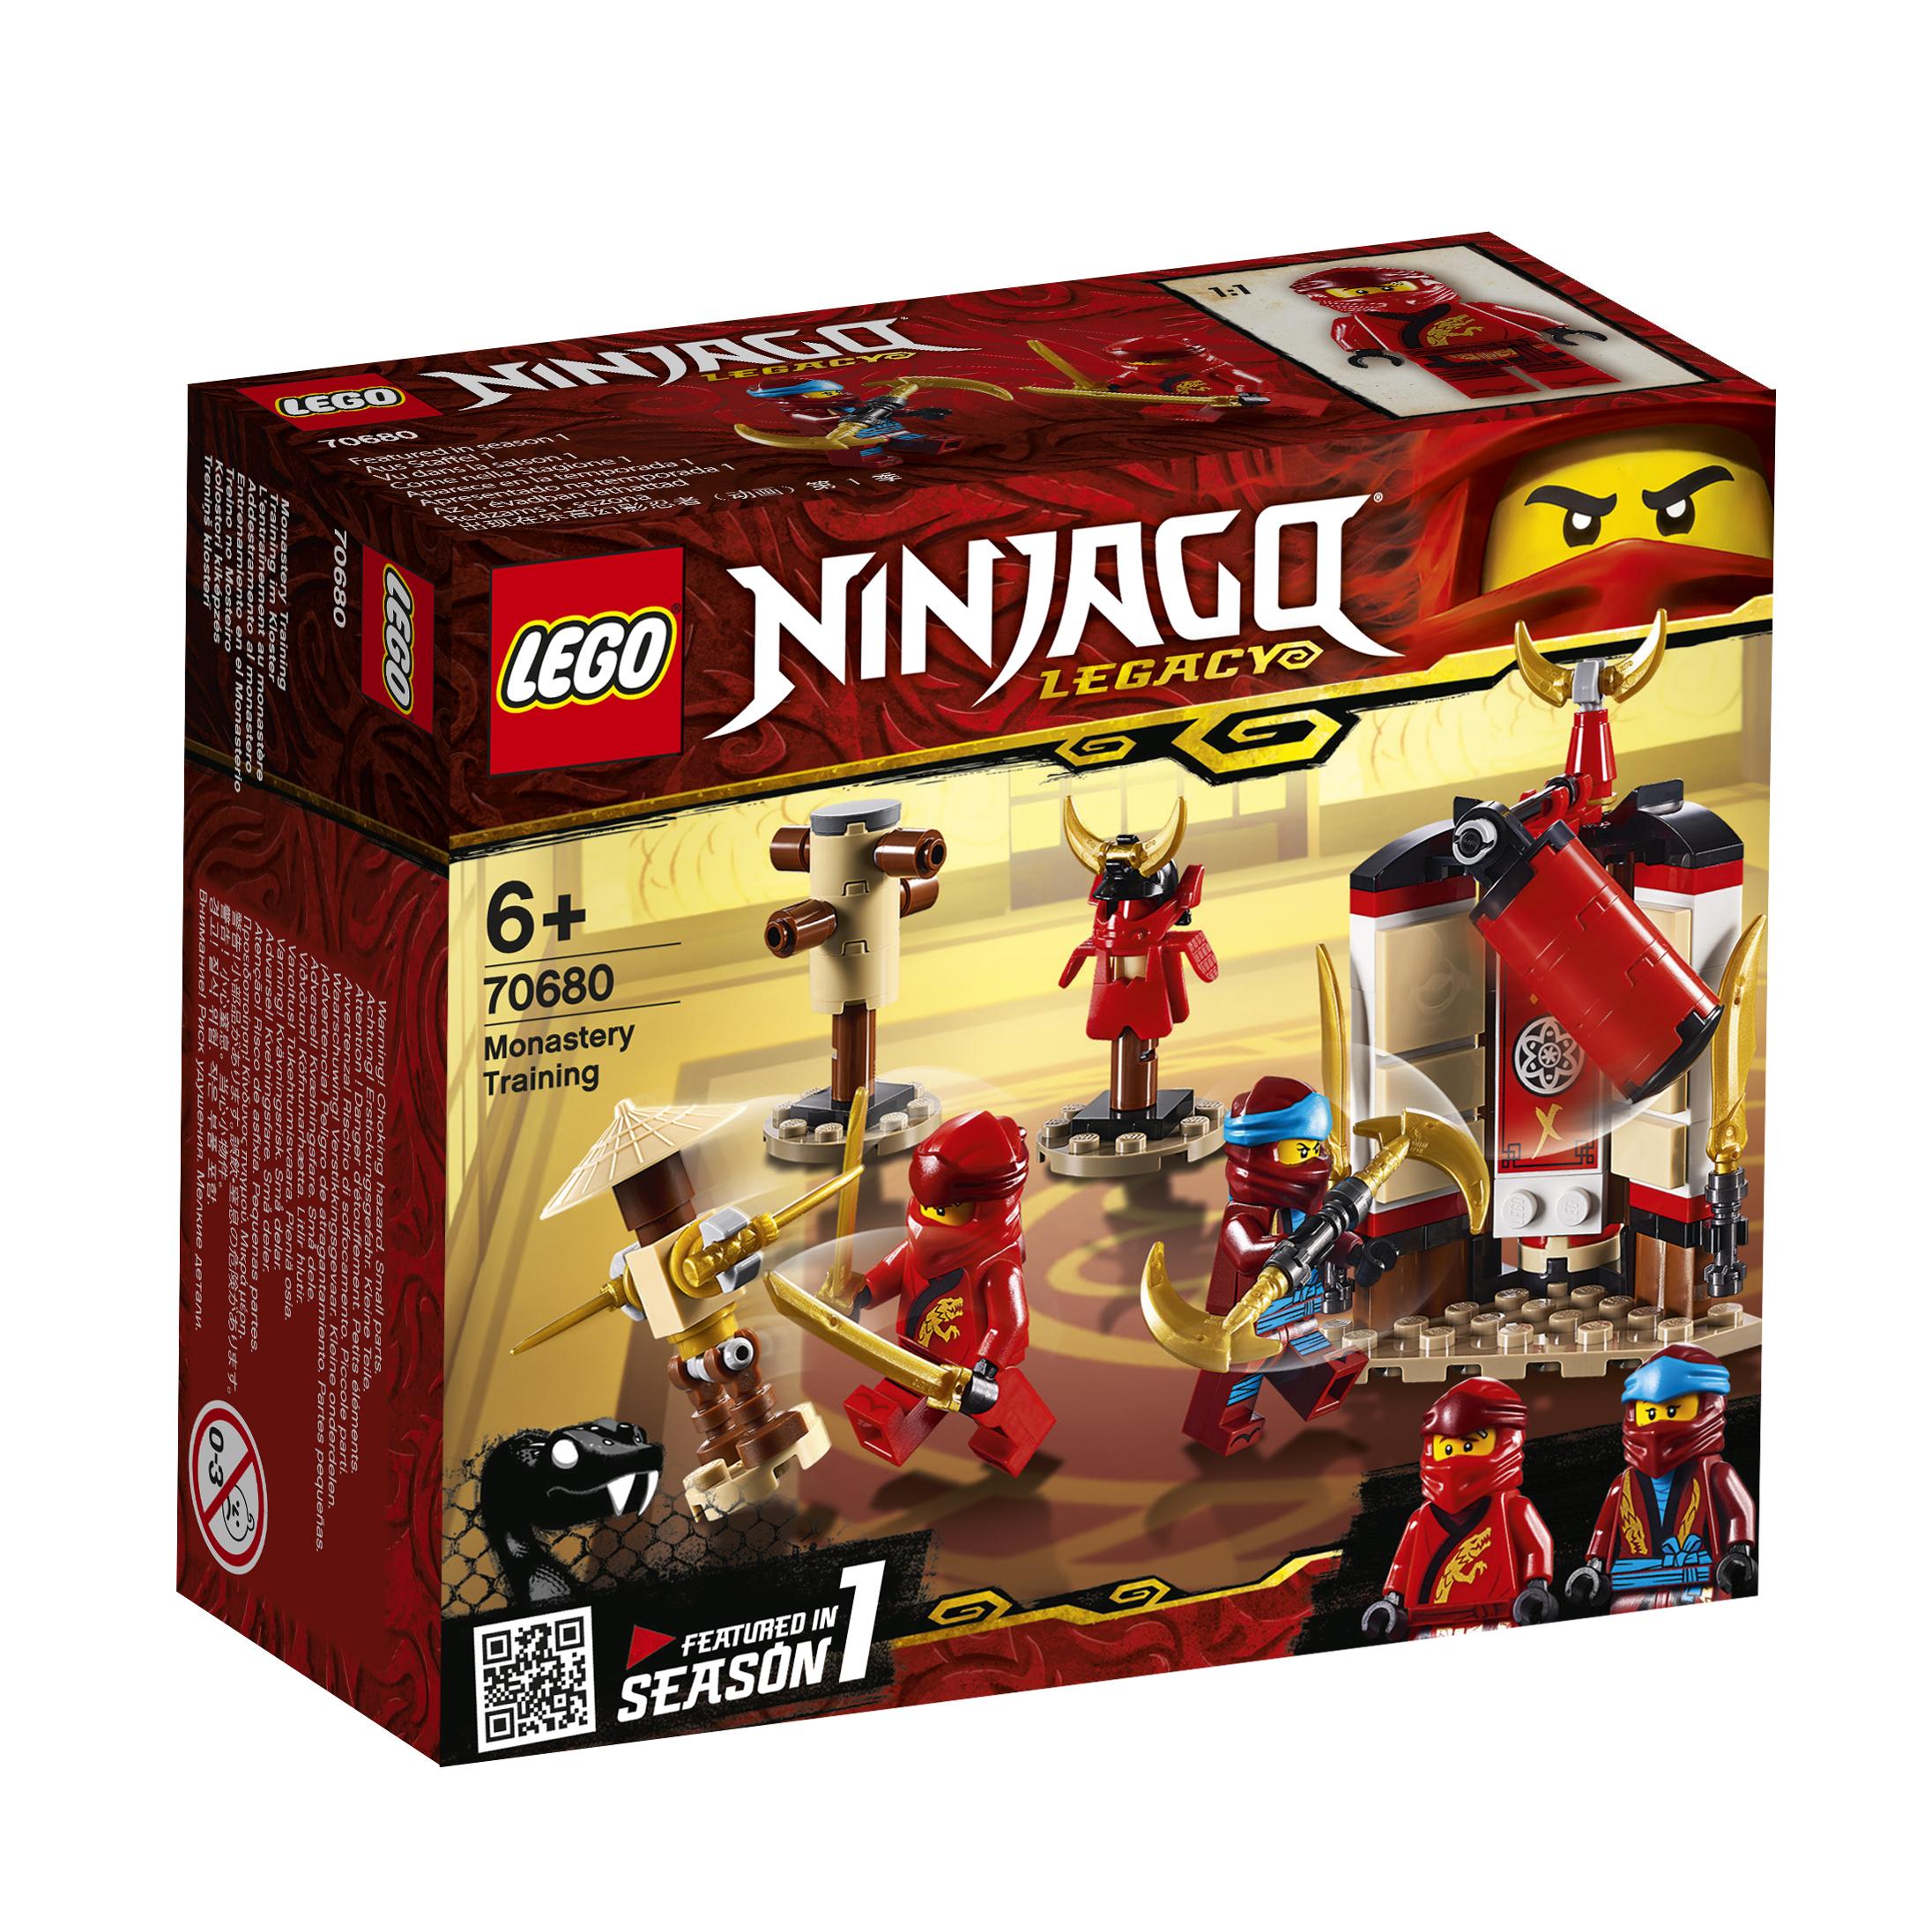 Конструктор LEGO Ninjago 70680 Обучение в монастыре конструктор lego обучение в монастыре 70680 ninjago legacy